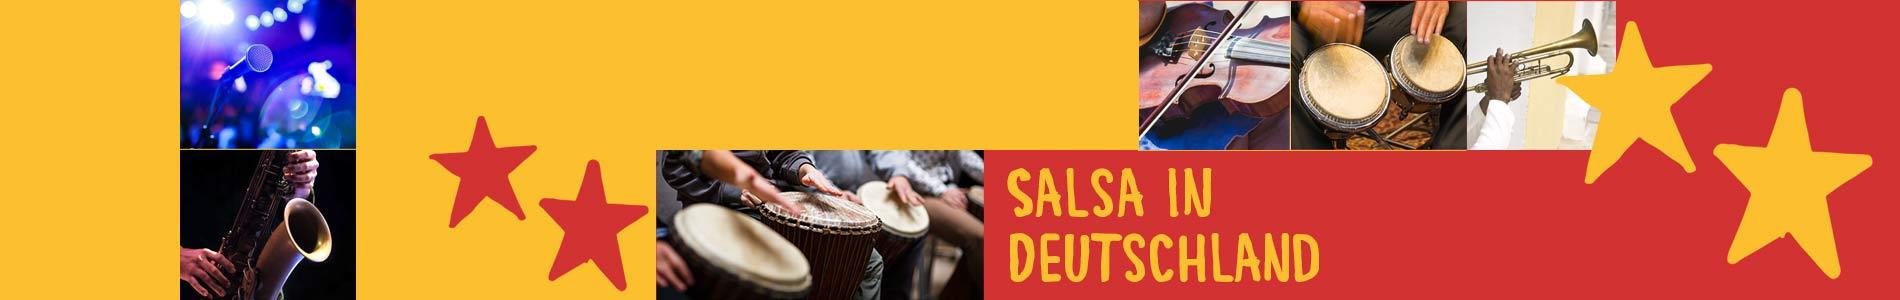 Salsa in Calau – Salsa lernen und tanzen, Tanzkurse, Partys, Veranstaltungen